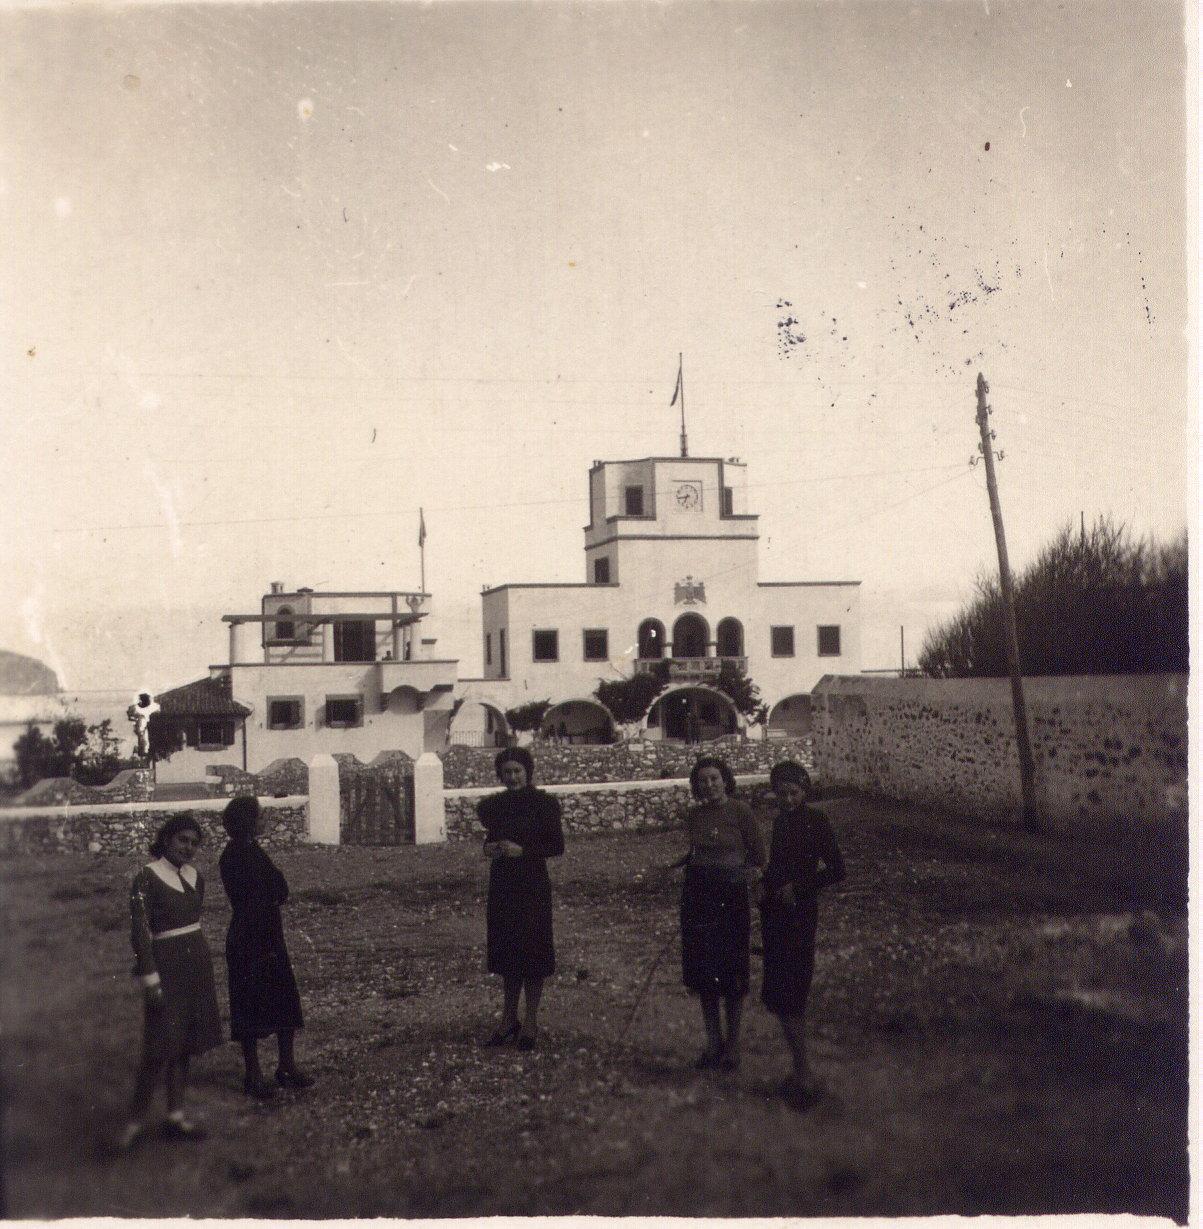 """Η δυτική πλευρά του Ανθόκηπου το 1937. (Από το χωράφι της Γεωργίας Κουμούτσου-Καβαλλάρο εκεί που αργότερα κτίστηκε το ξενοδοχείο """"ΑΤΛΑΝΤΙΣ""""). Φωτό από το αρχείο του Μανώλη Κασσώτη."""